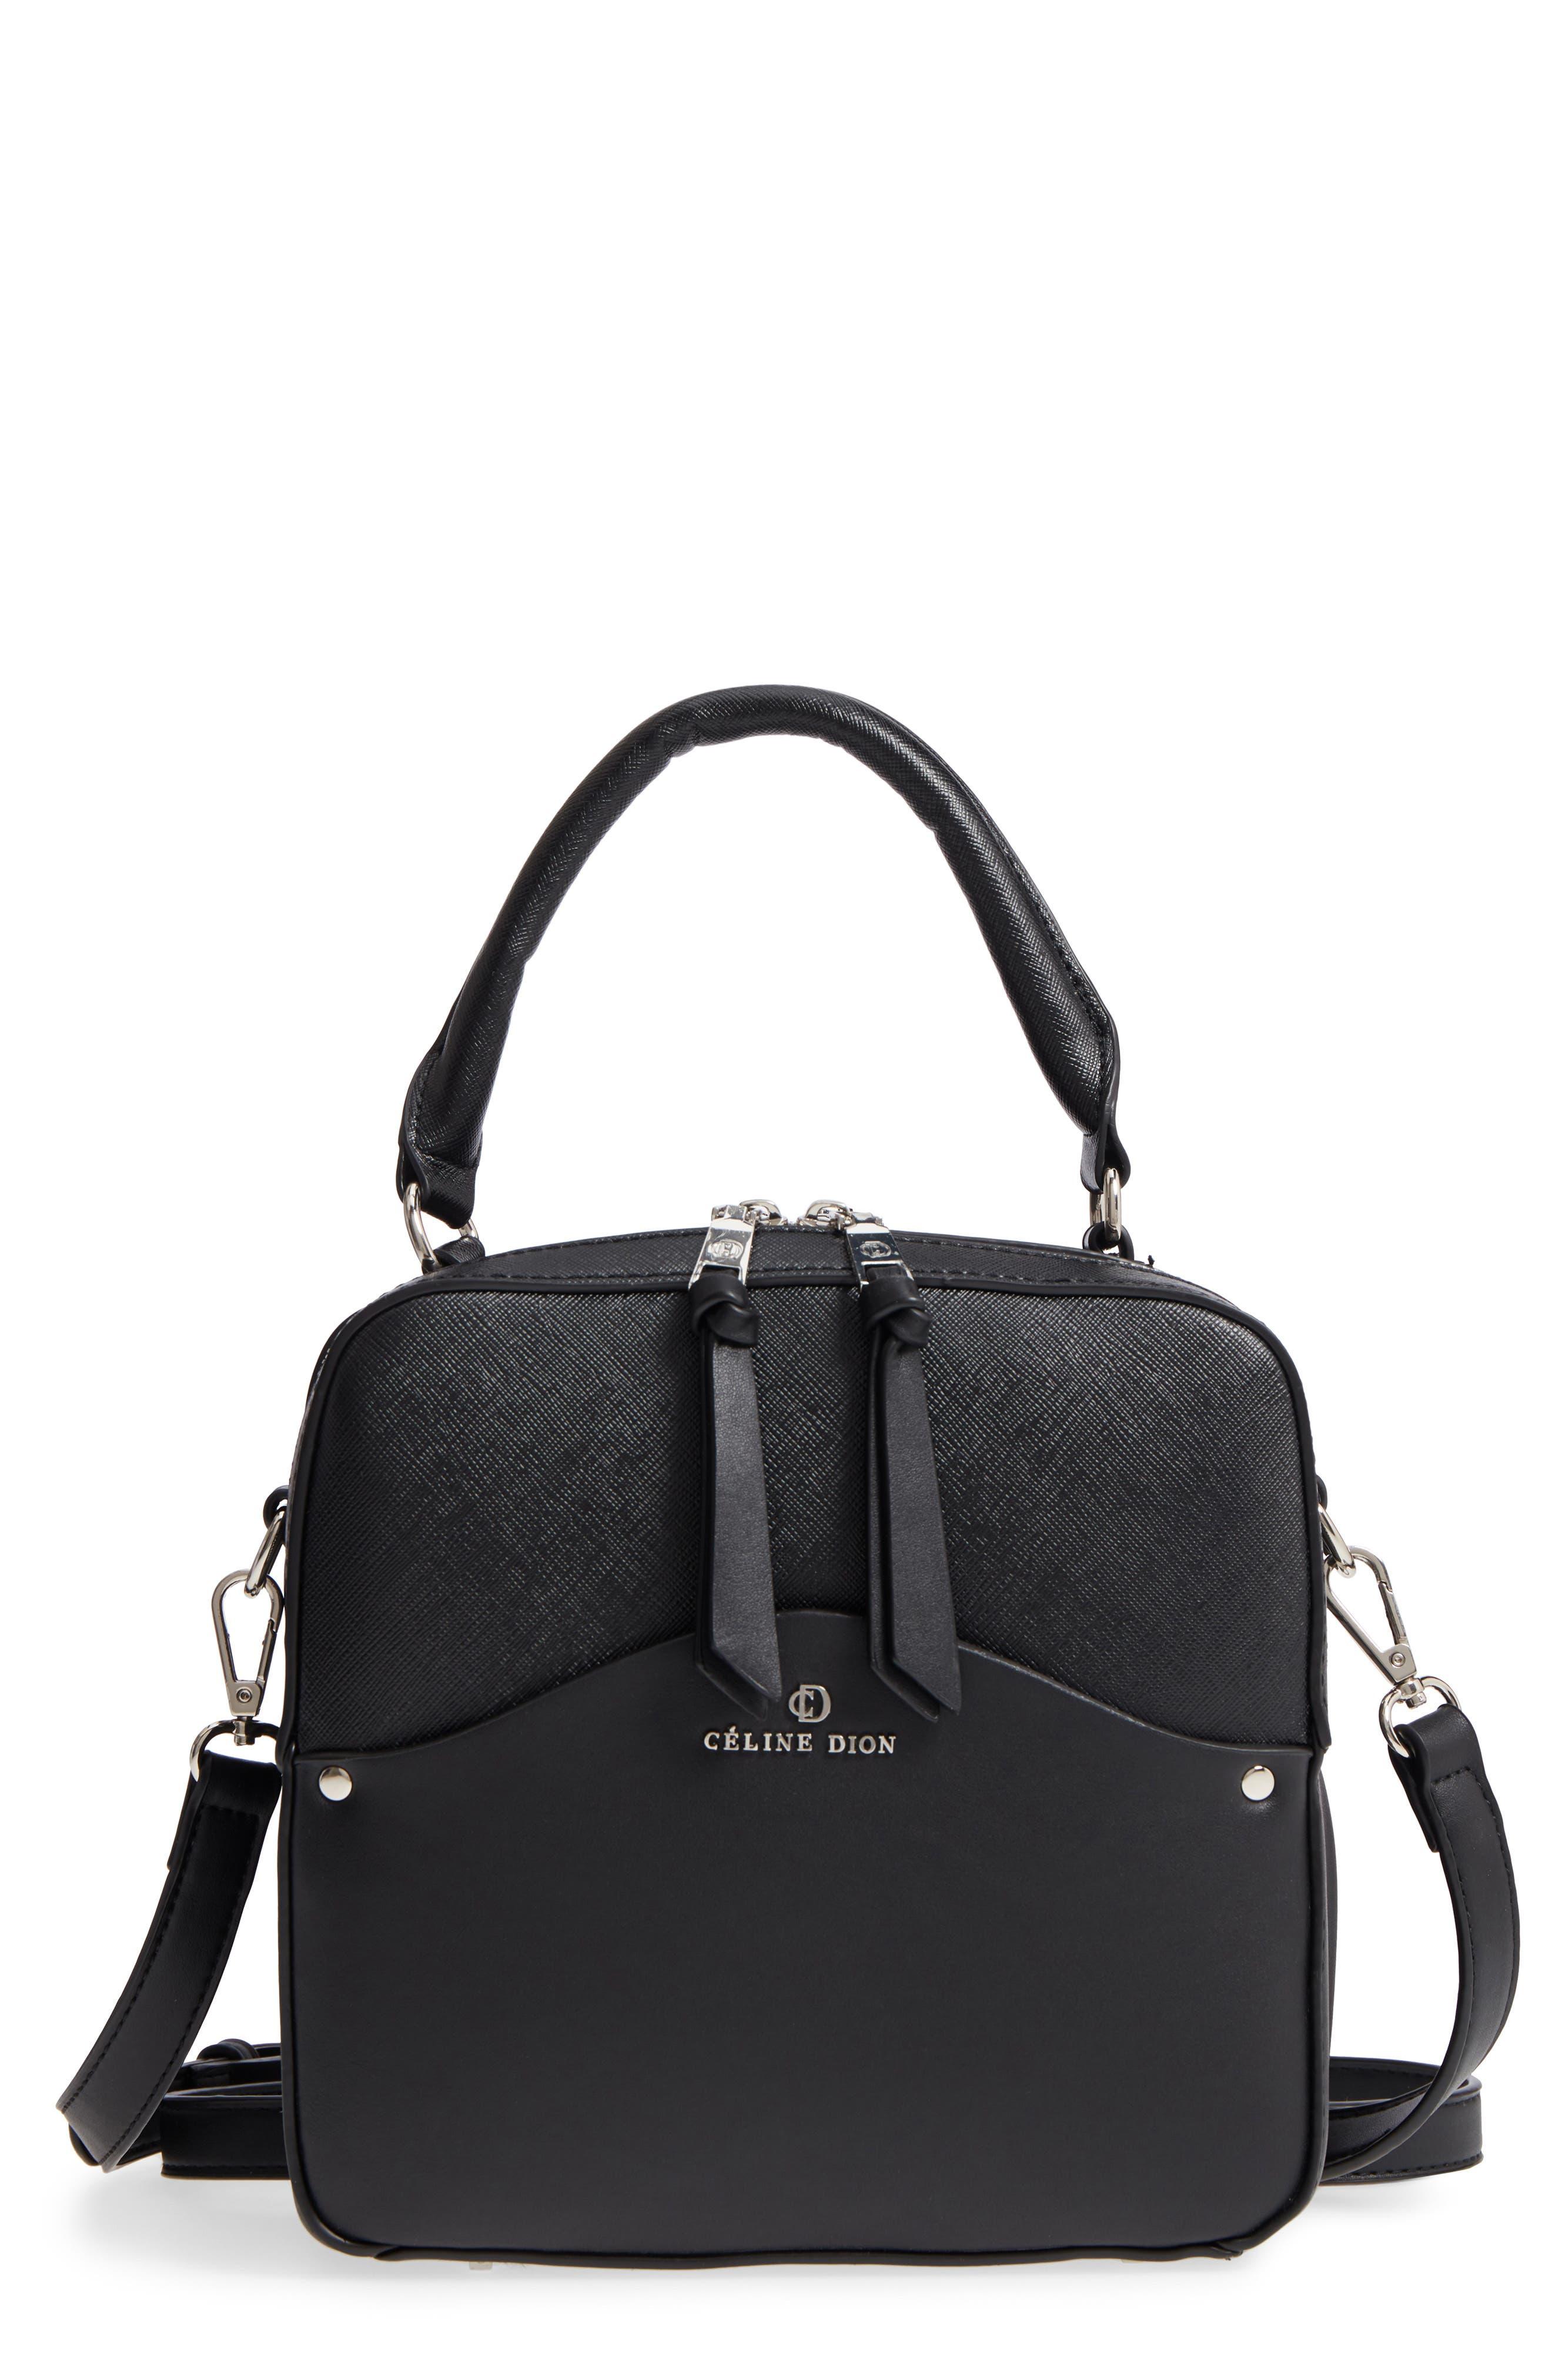 Céline Dion Motif Top Handle Leather Satchel,                             Main thumbnail 1, color,